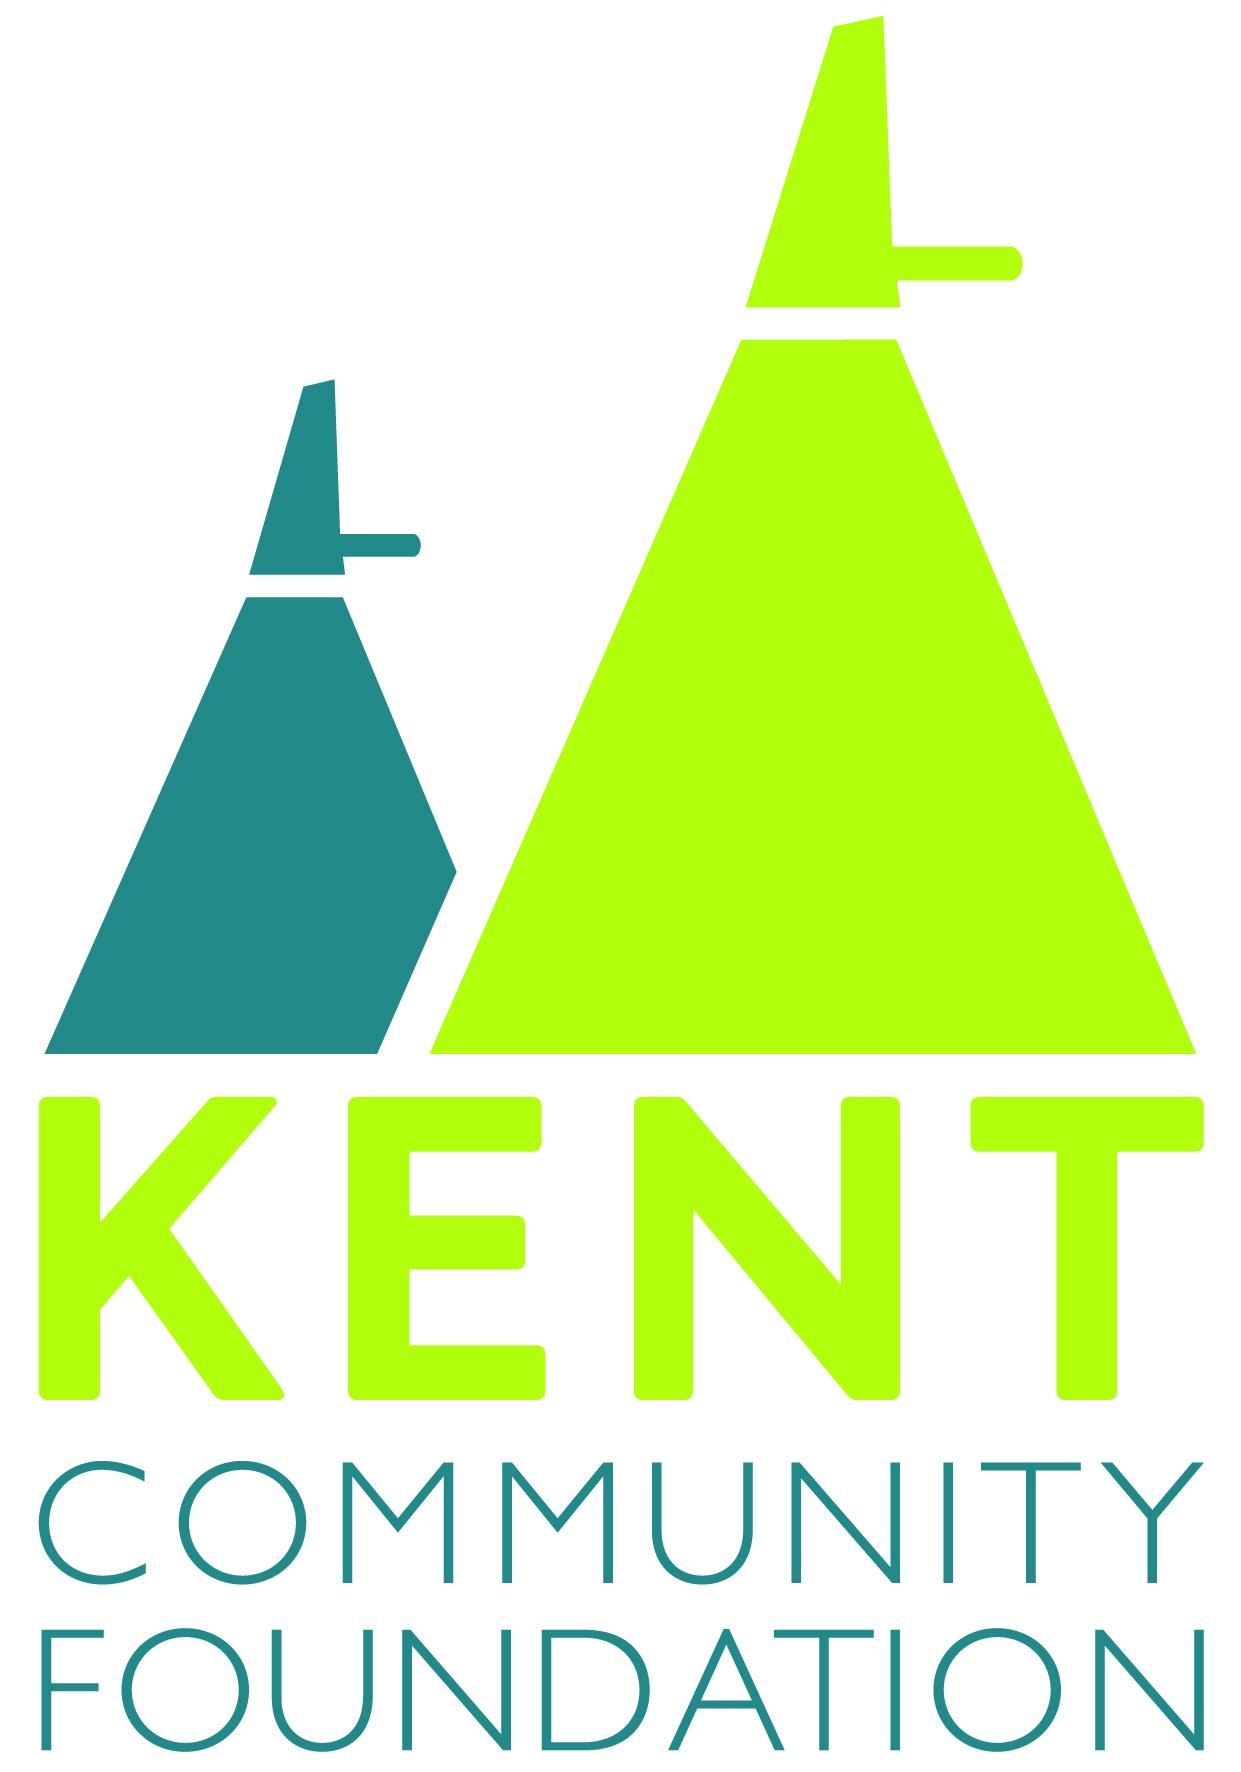 KCF-Logo1.jpg